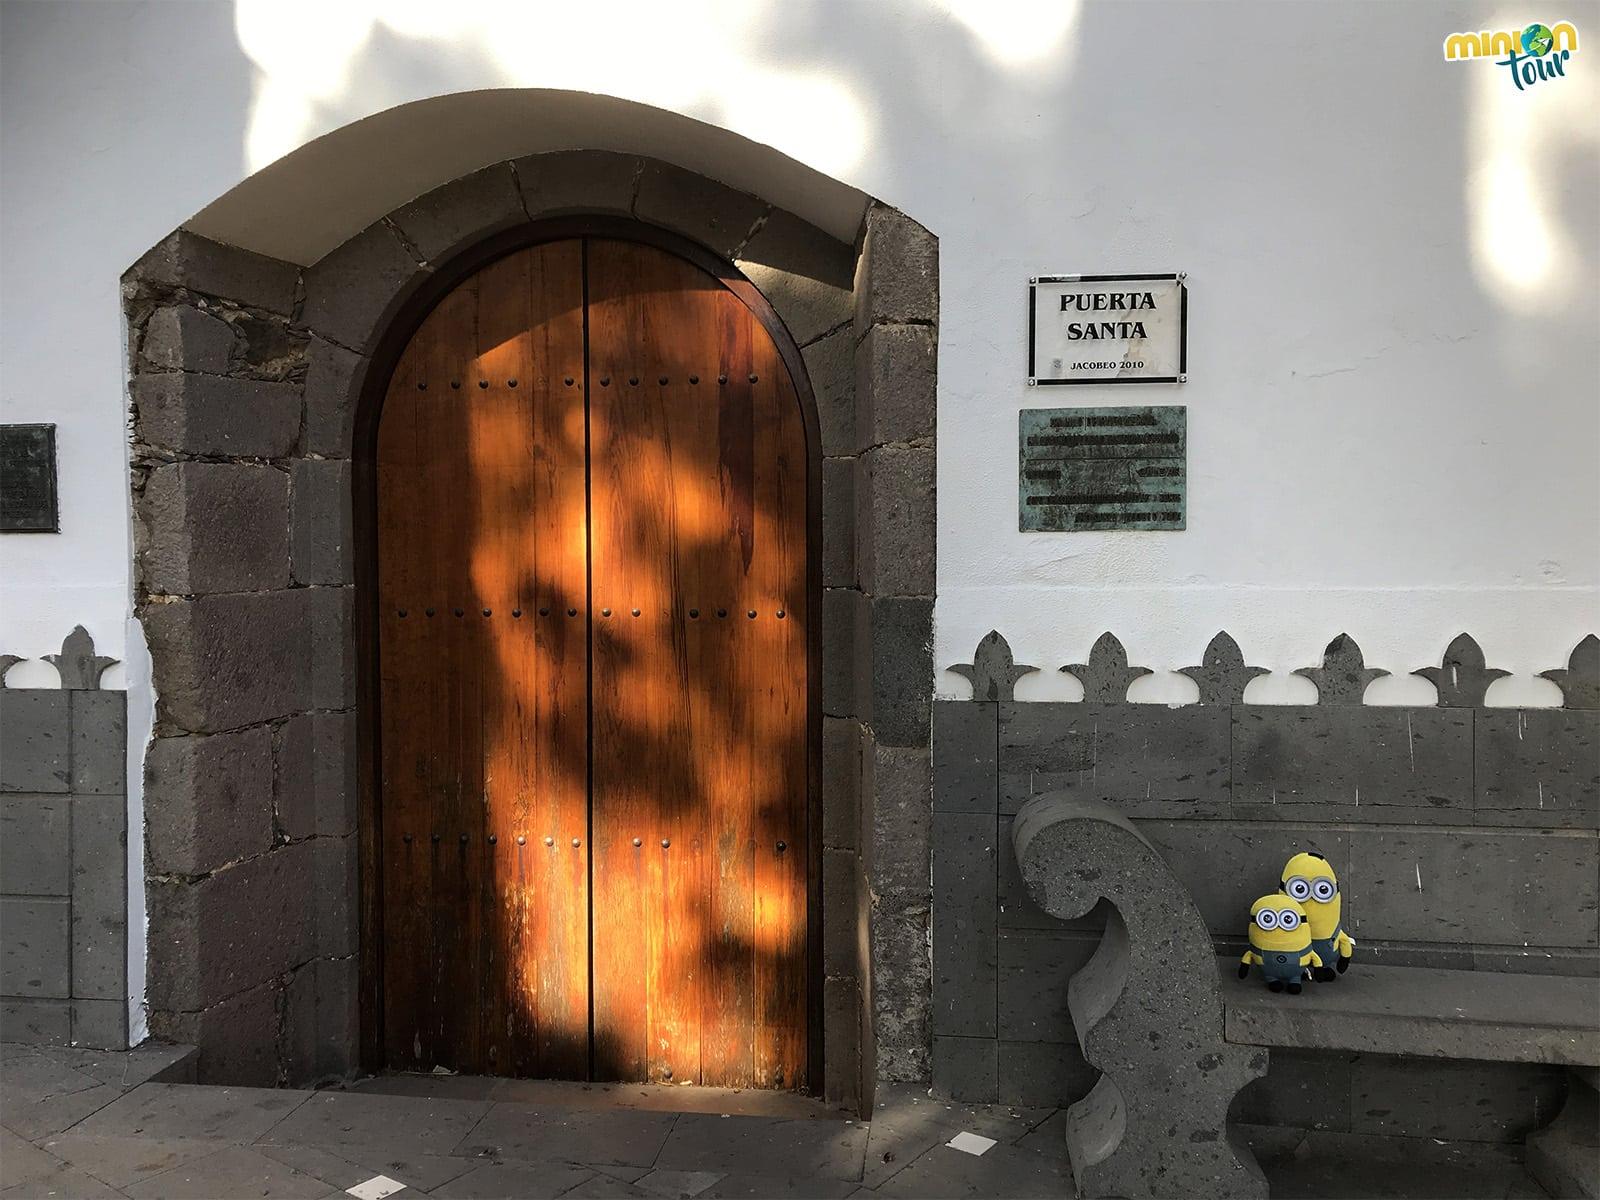 Puerta Santa de la iglesia de Tunte